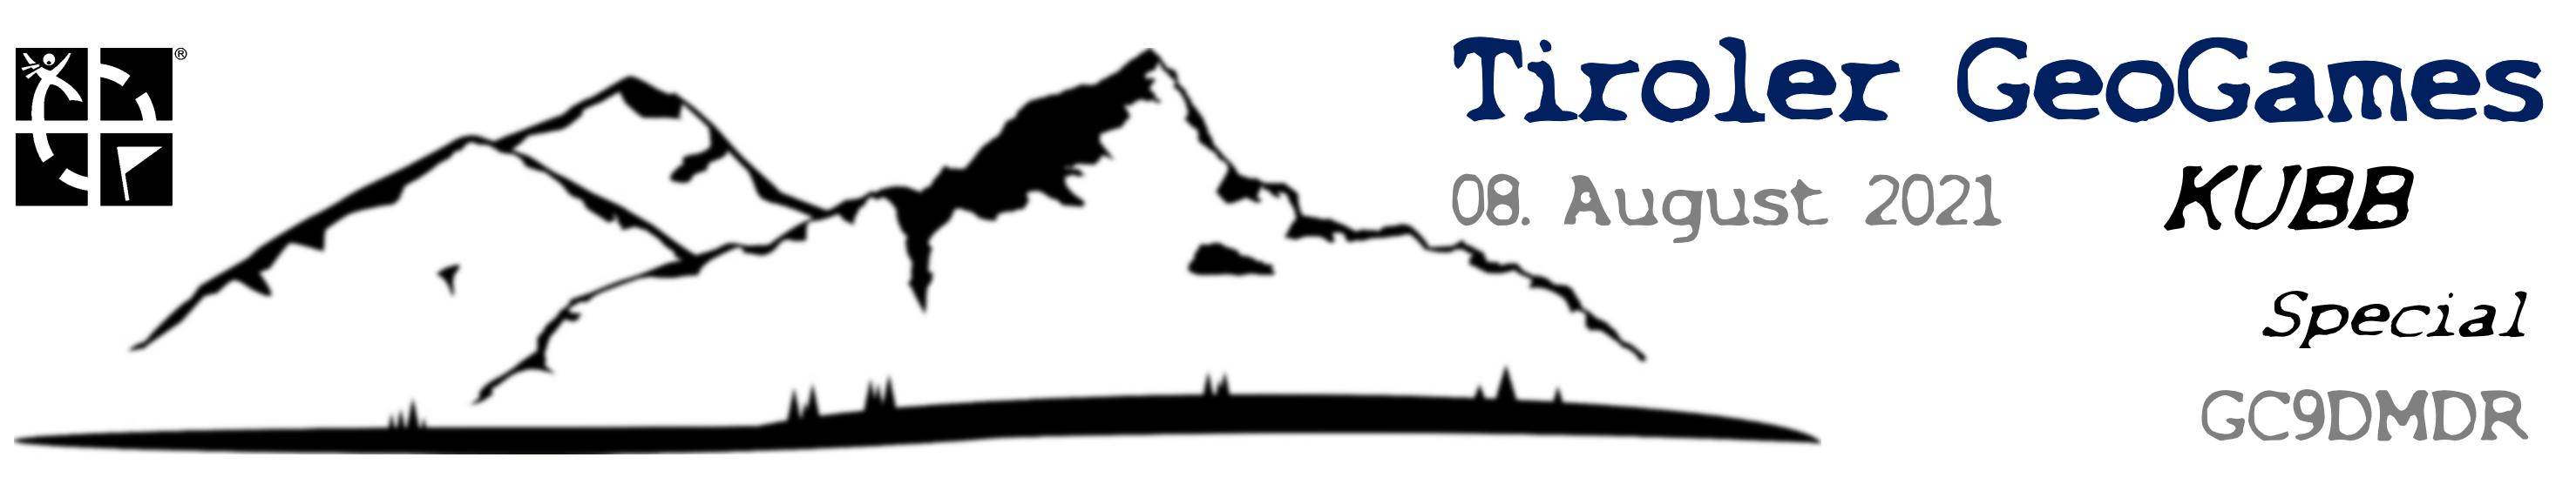 Tiroler GeoGames 2021